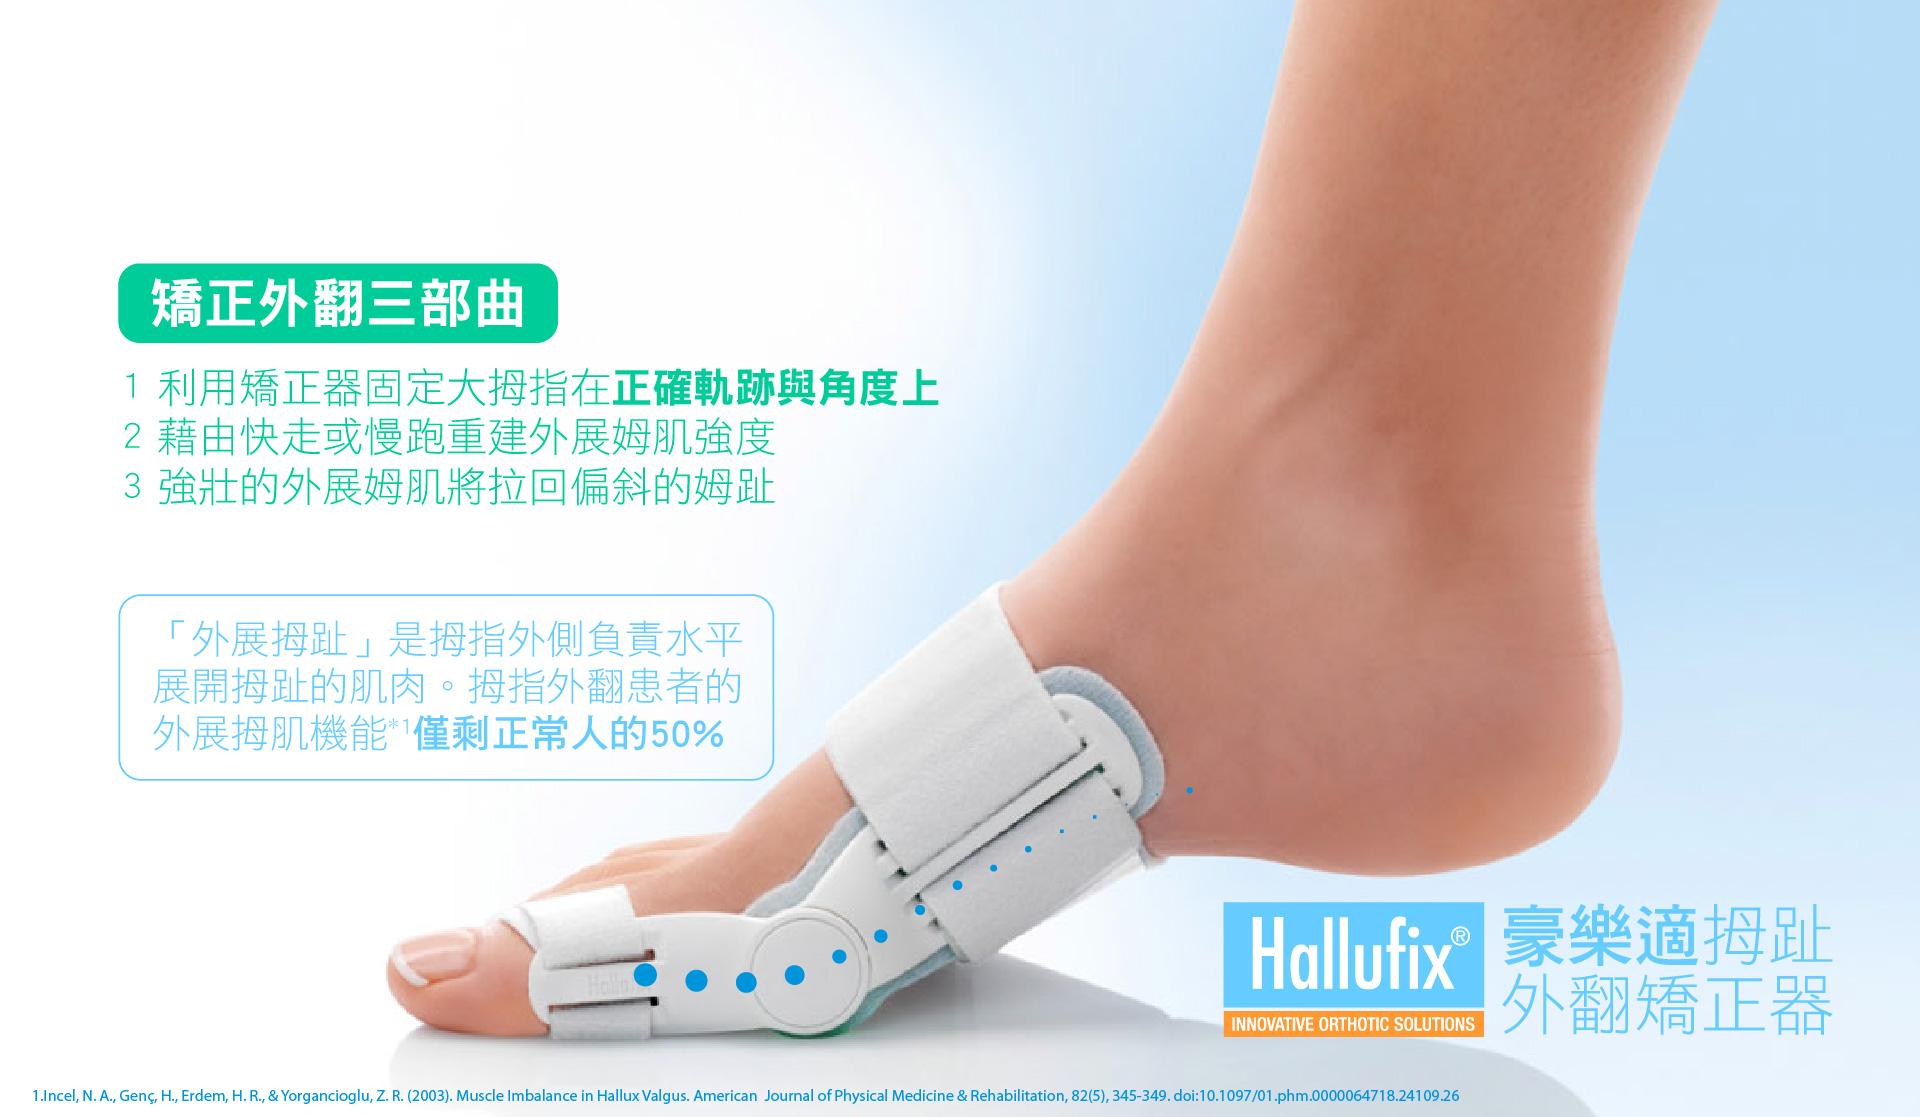 什麼是拇指外翻???拇趾外翻是一個嚴重的問題,不僅美觀,還會影響行走。有時沒有感覺,有時確會很痛,拇趾外翻多發生於女性,雖然常穿高跟鞋是這種病症的主因,但這種病症往往也是經由遺傳所產生。